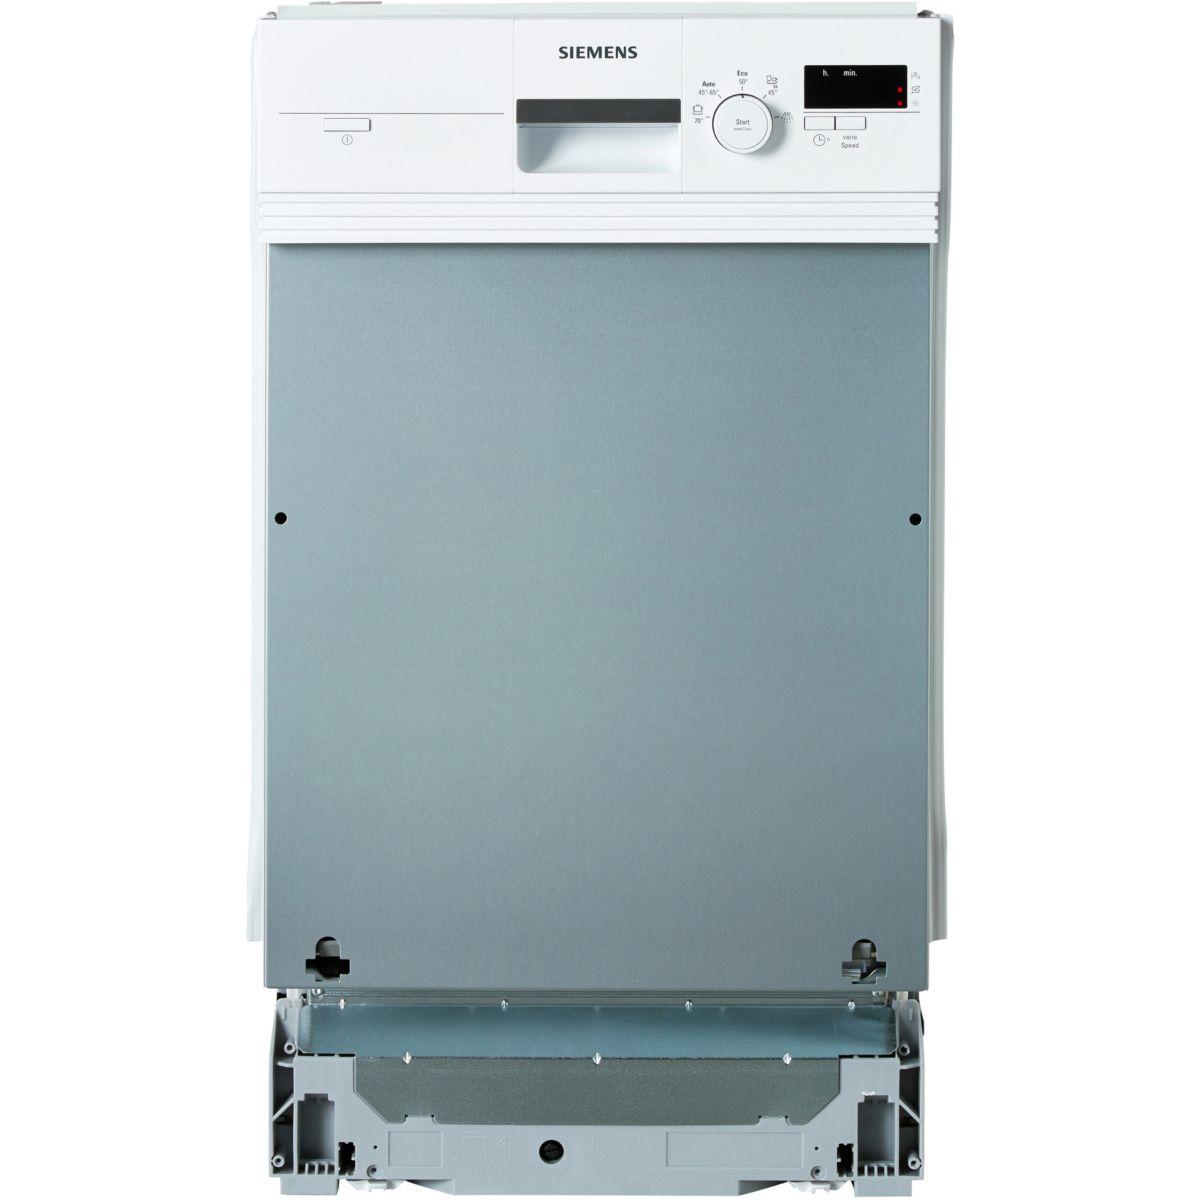 Lave-vaisselle int?grable siemens sr55e204eu - 20% de remise i...